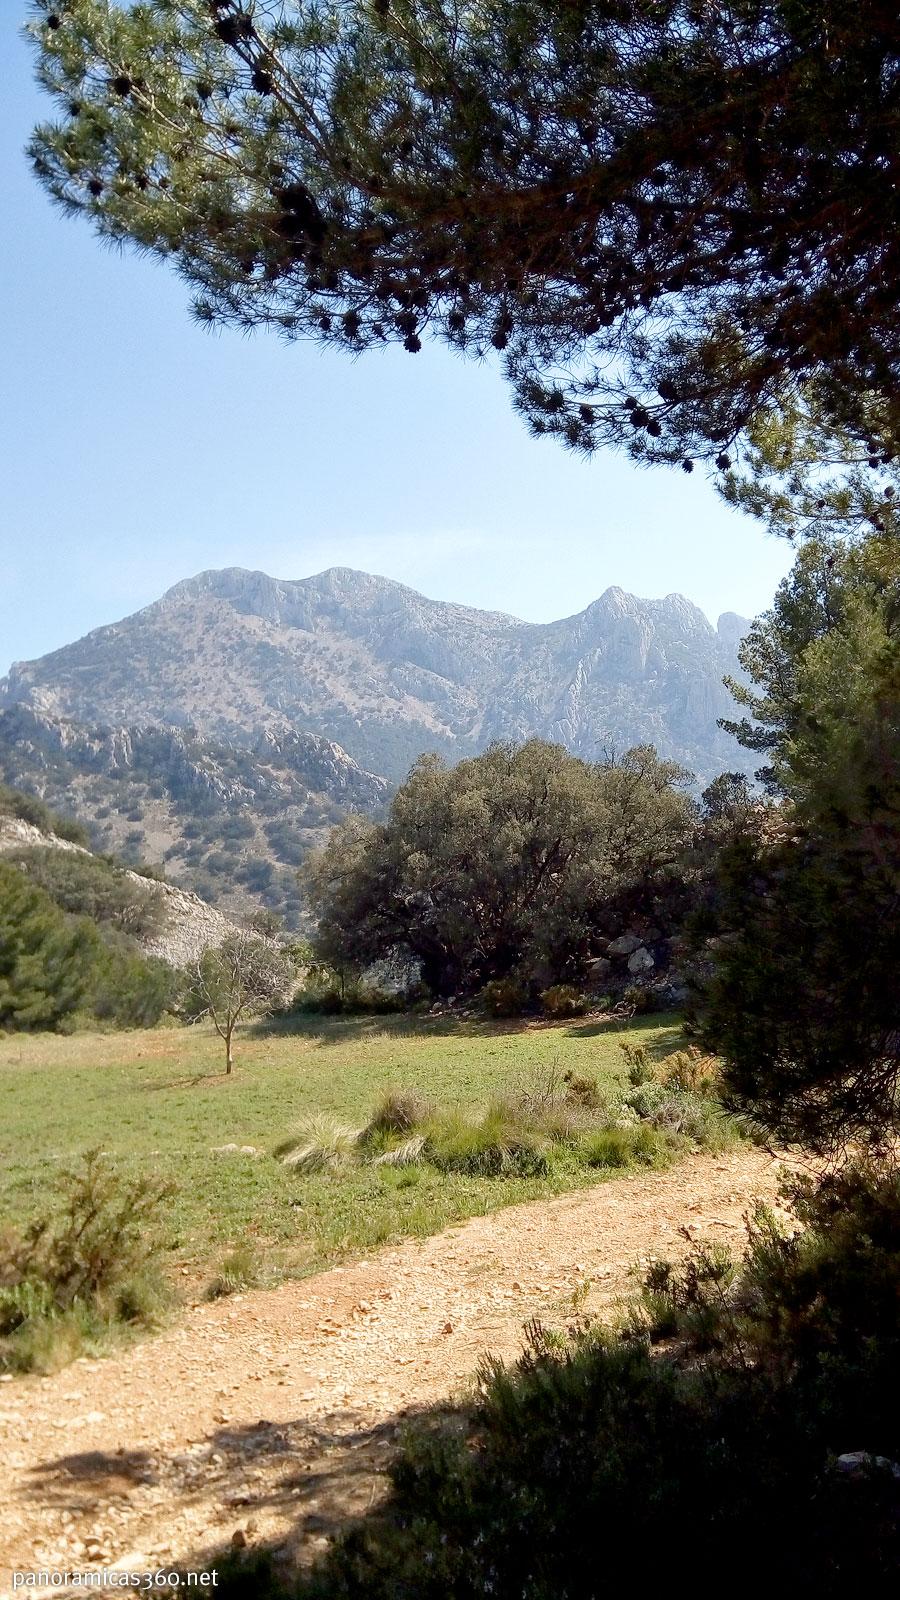 Puig Campana desde cerca del Mas de la Carrasca